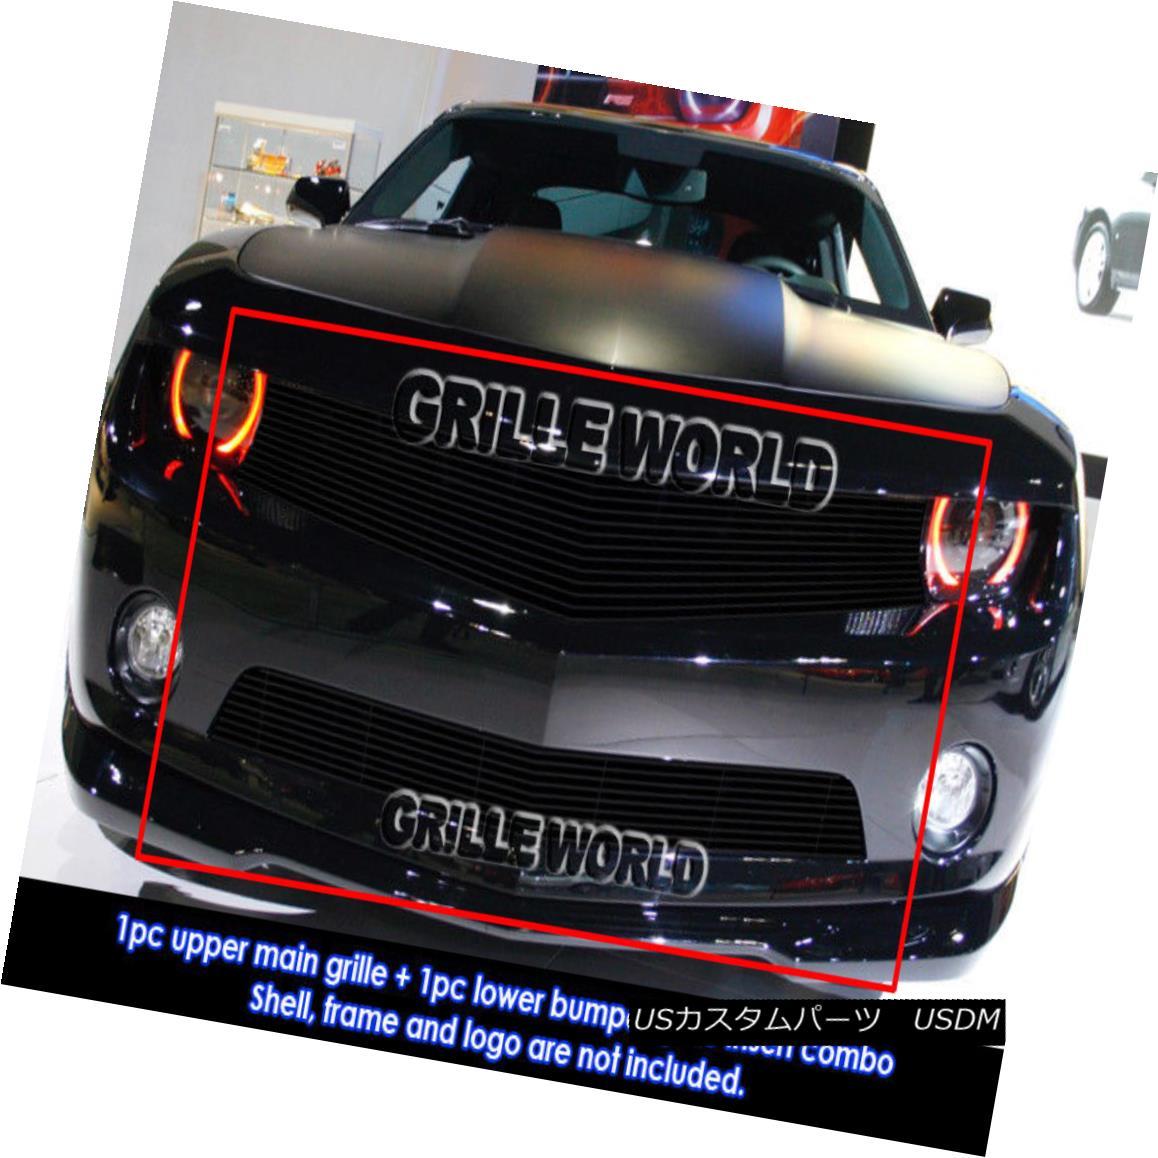 グリル For 2010-2013 Chevy Camaro LT/LS V6 Black Billet Grille Grill Insert Combo 2010-2013シボレーカマロLT / LS V6ブラックビレットグリルグリルインサートコンボ用